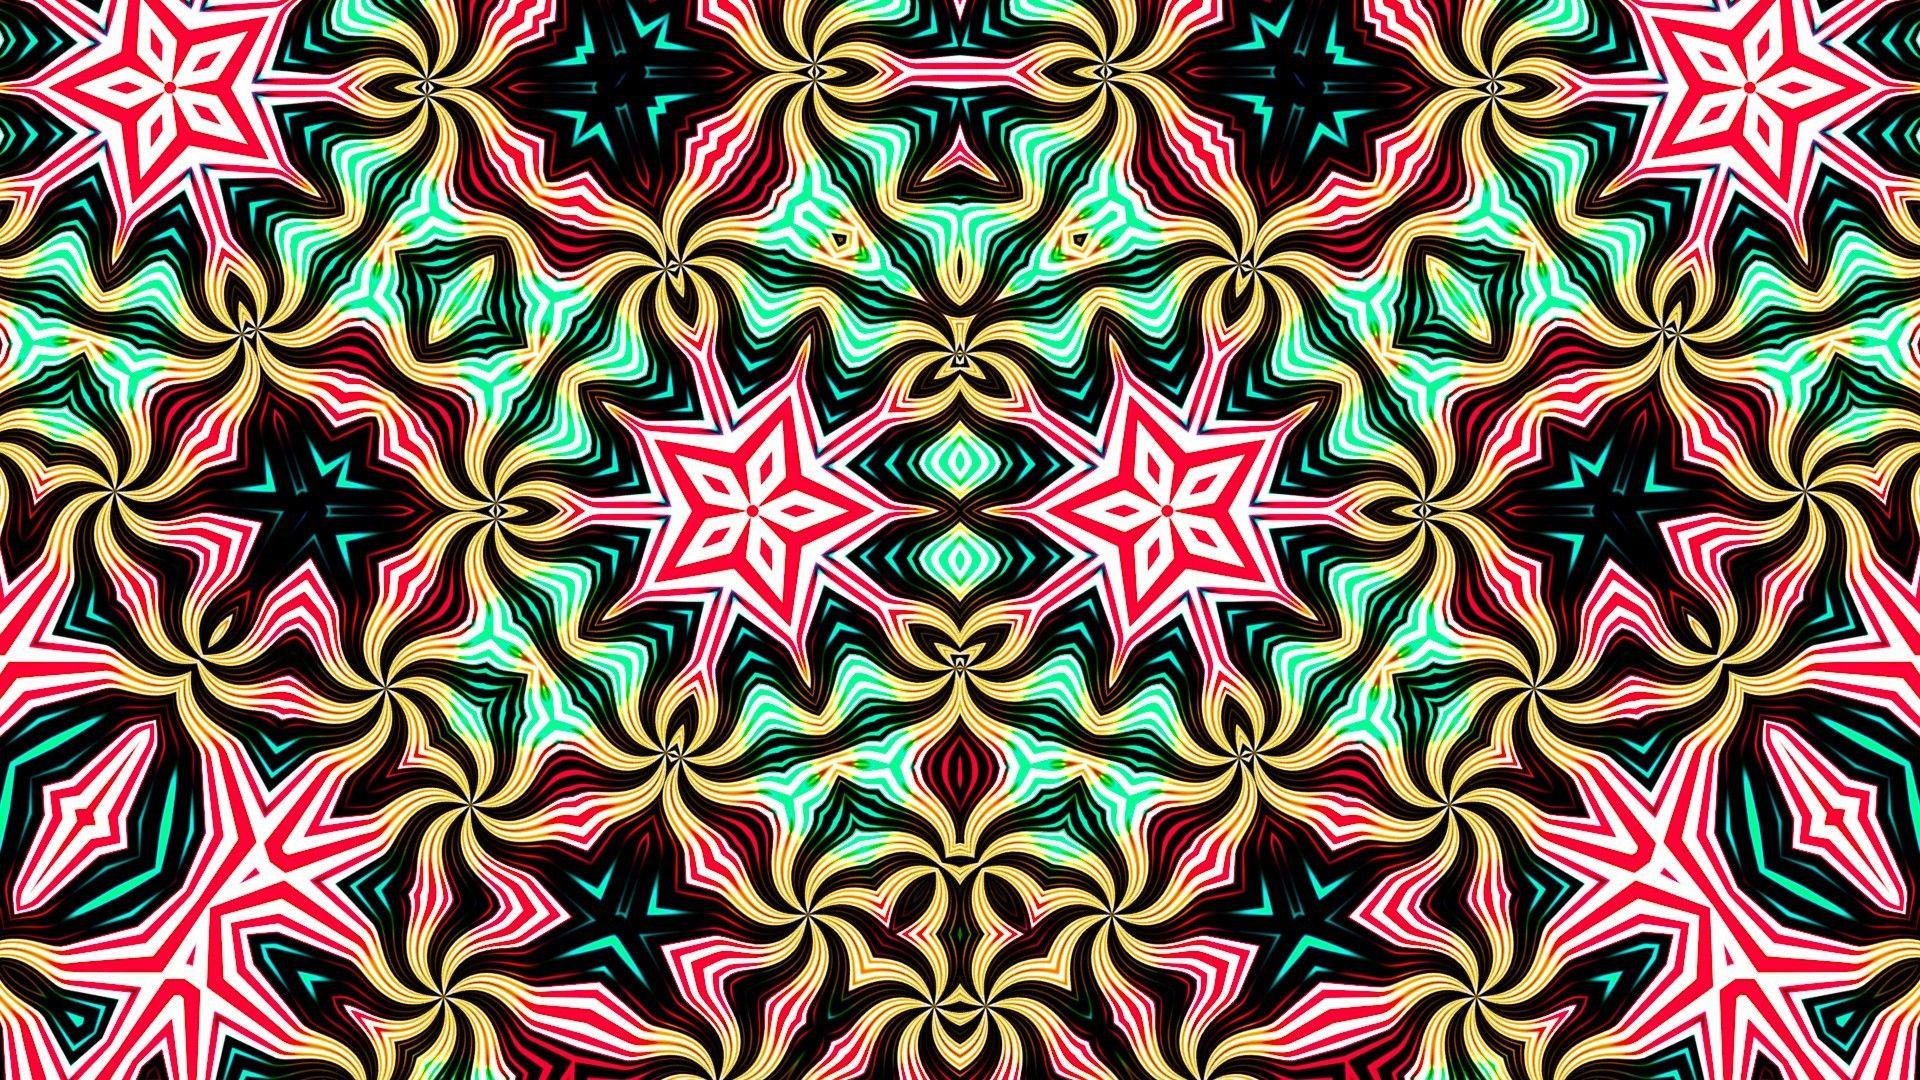 Kaleidoscope vertical wallpaper hd